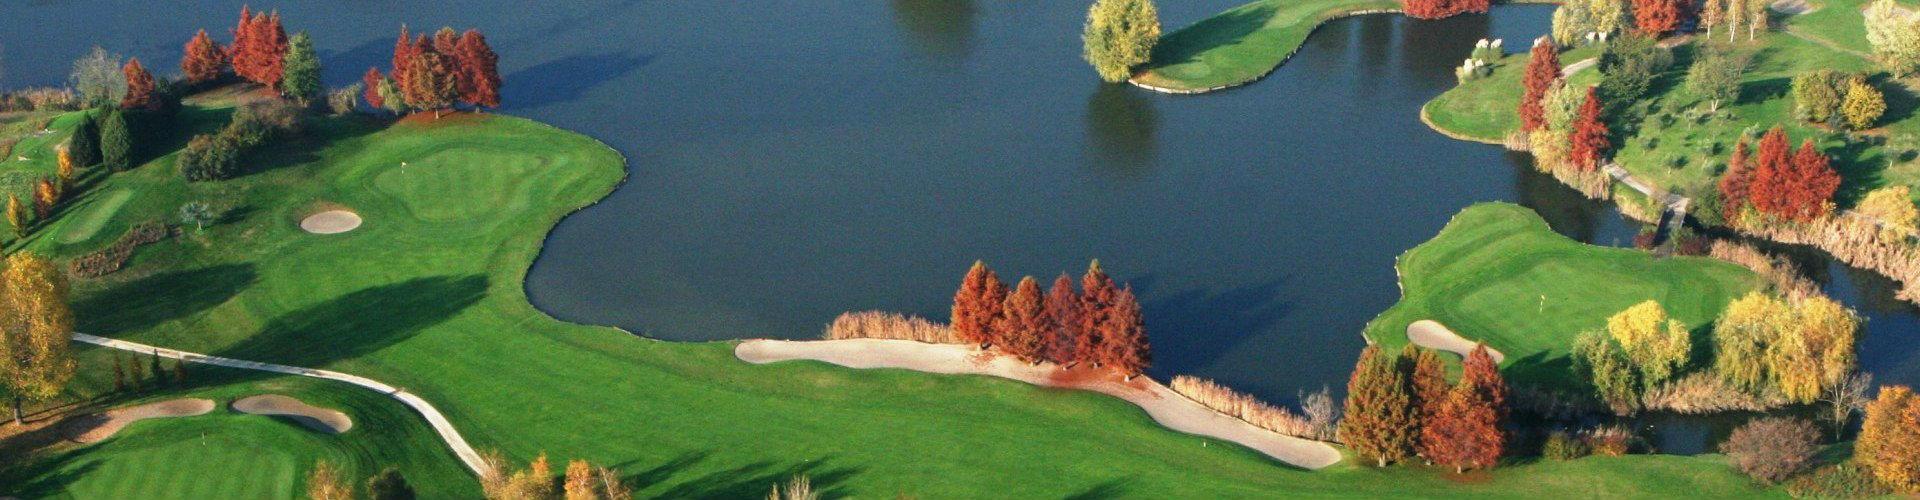 Golfresor Italien - golfreseguiden.se